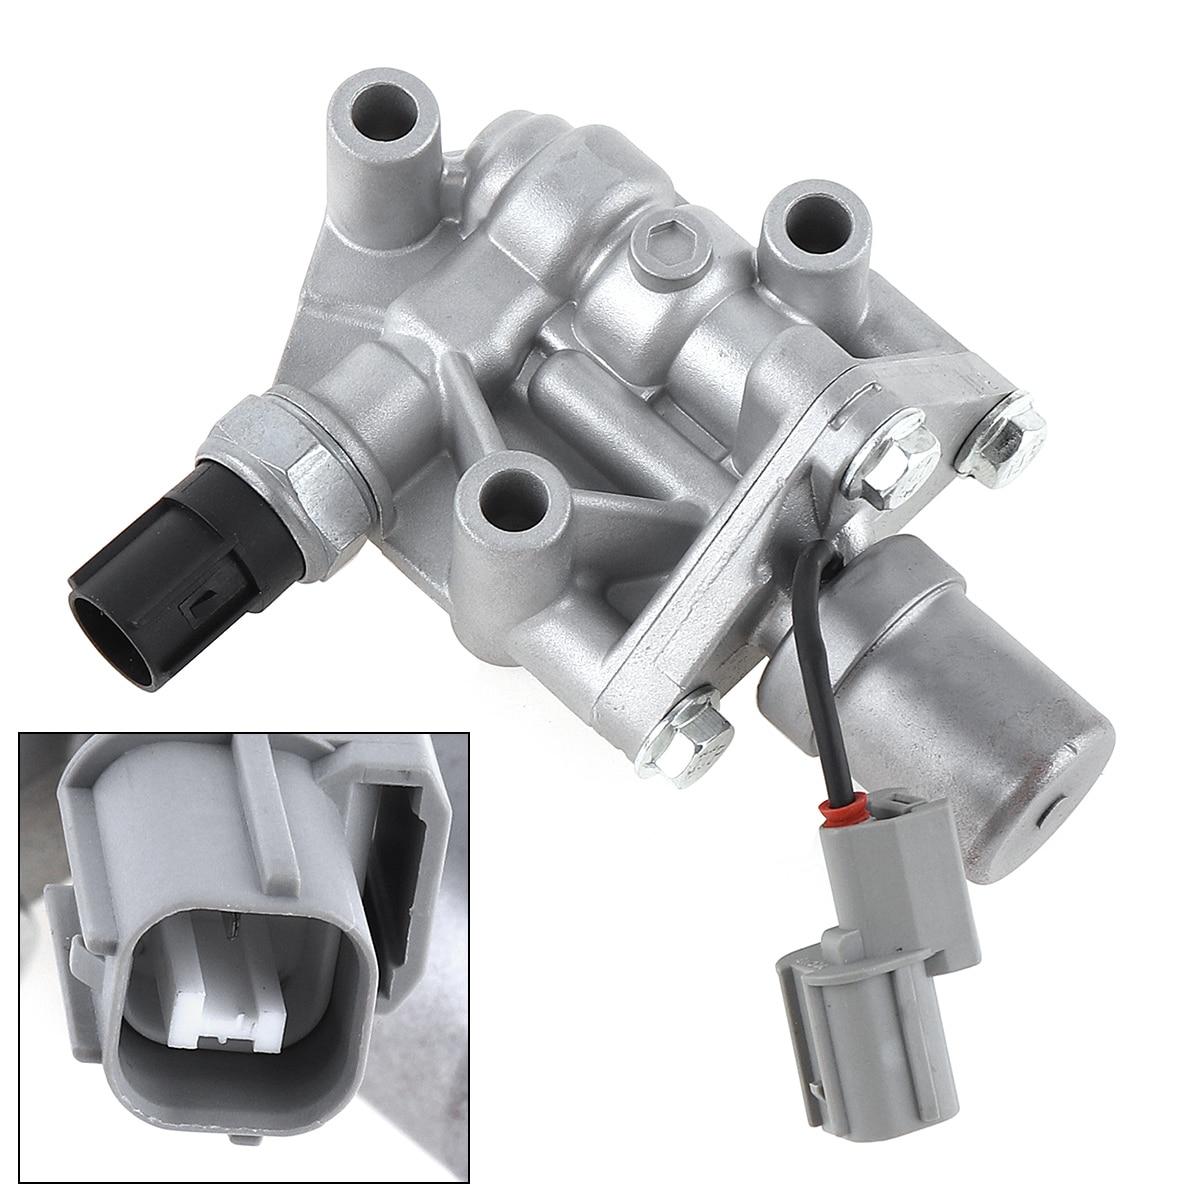 15810-PLR-A01 Solenoid Spool Valve Practical Automotive Tools for Honda Civic VTEC 1.7 L 2001-2005